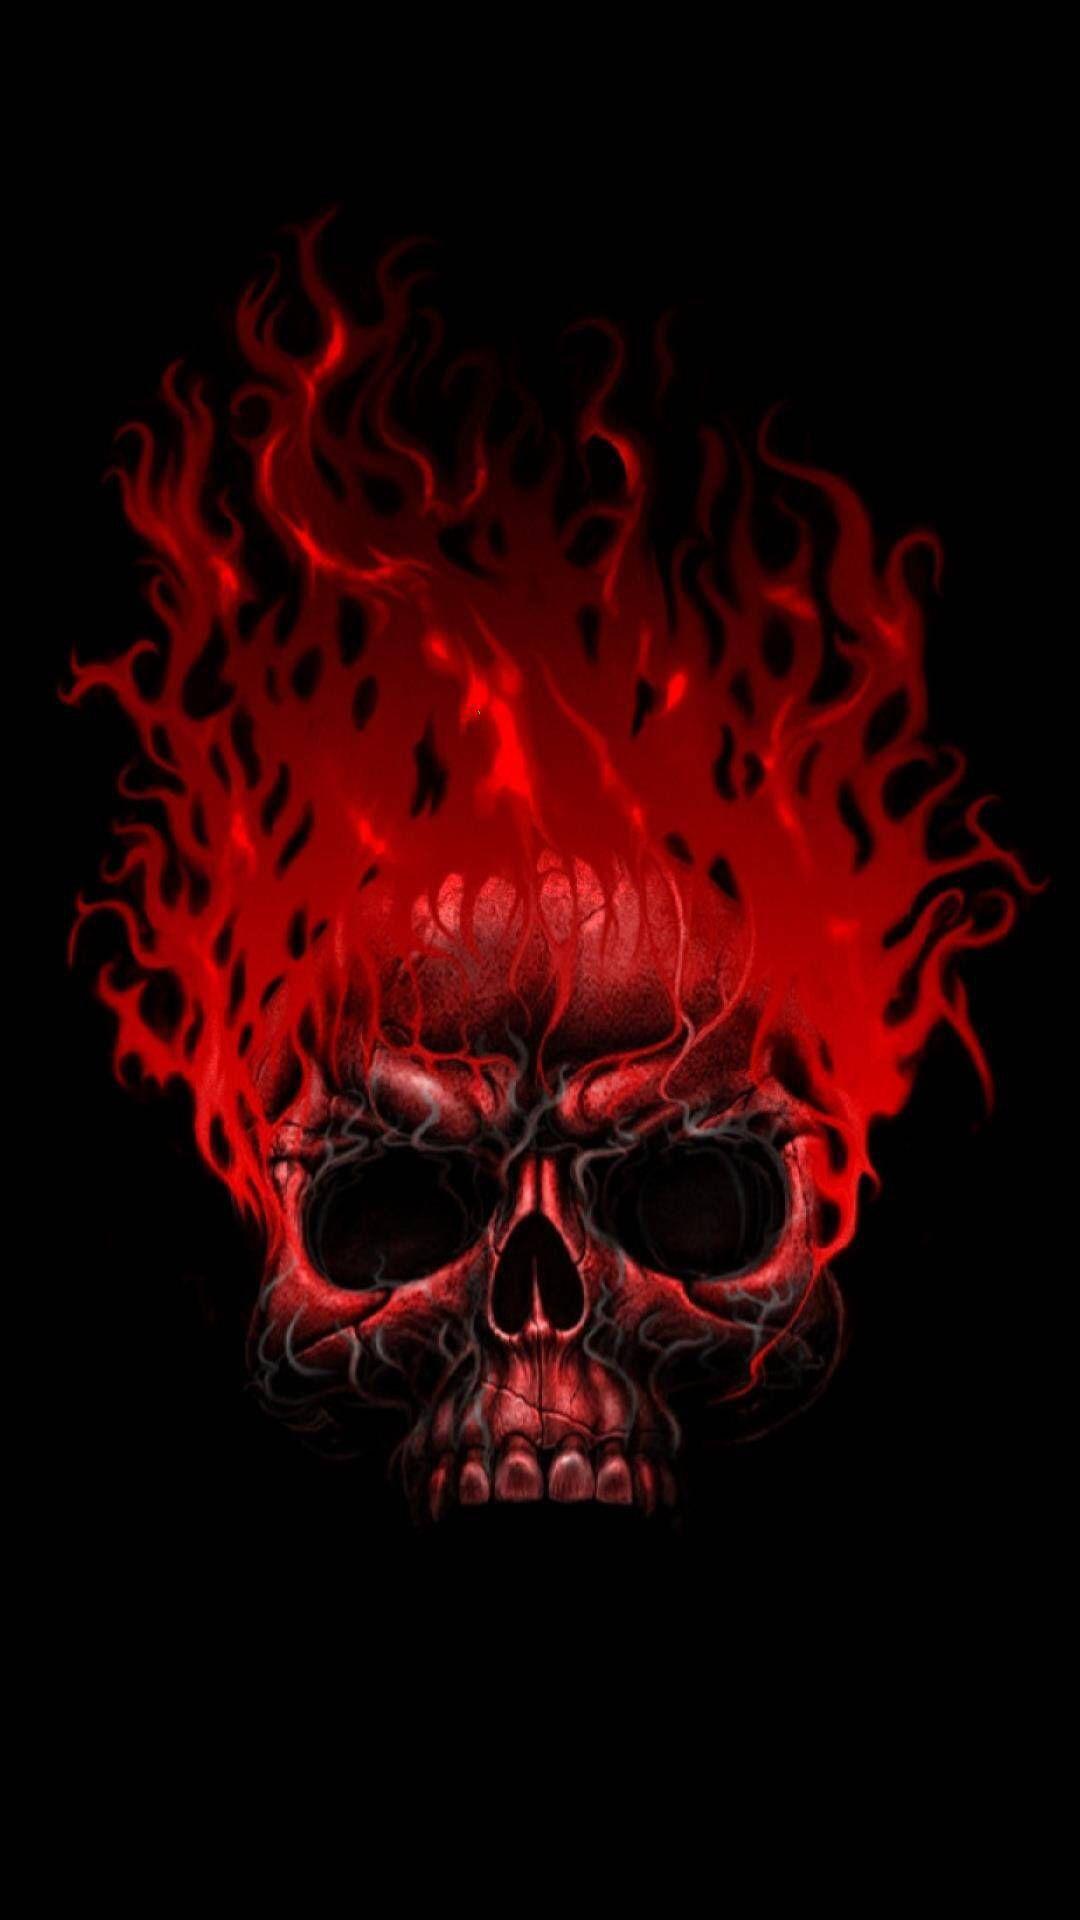 Fire Skull Skull Wallpaper Skull Artwork Skull